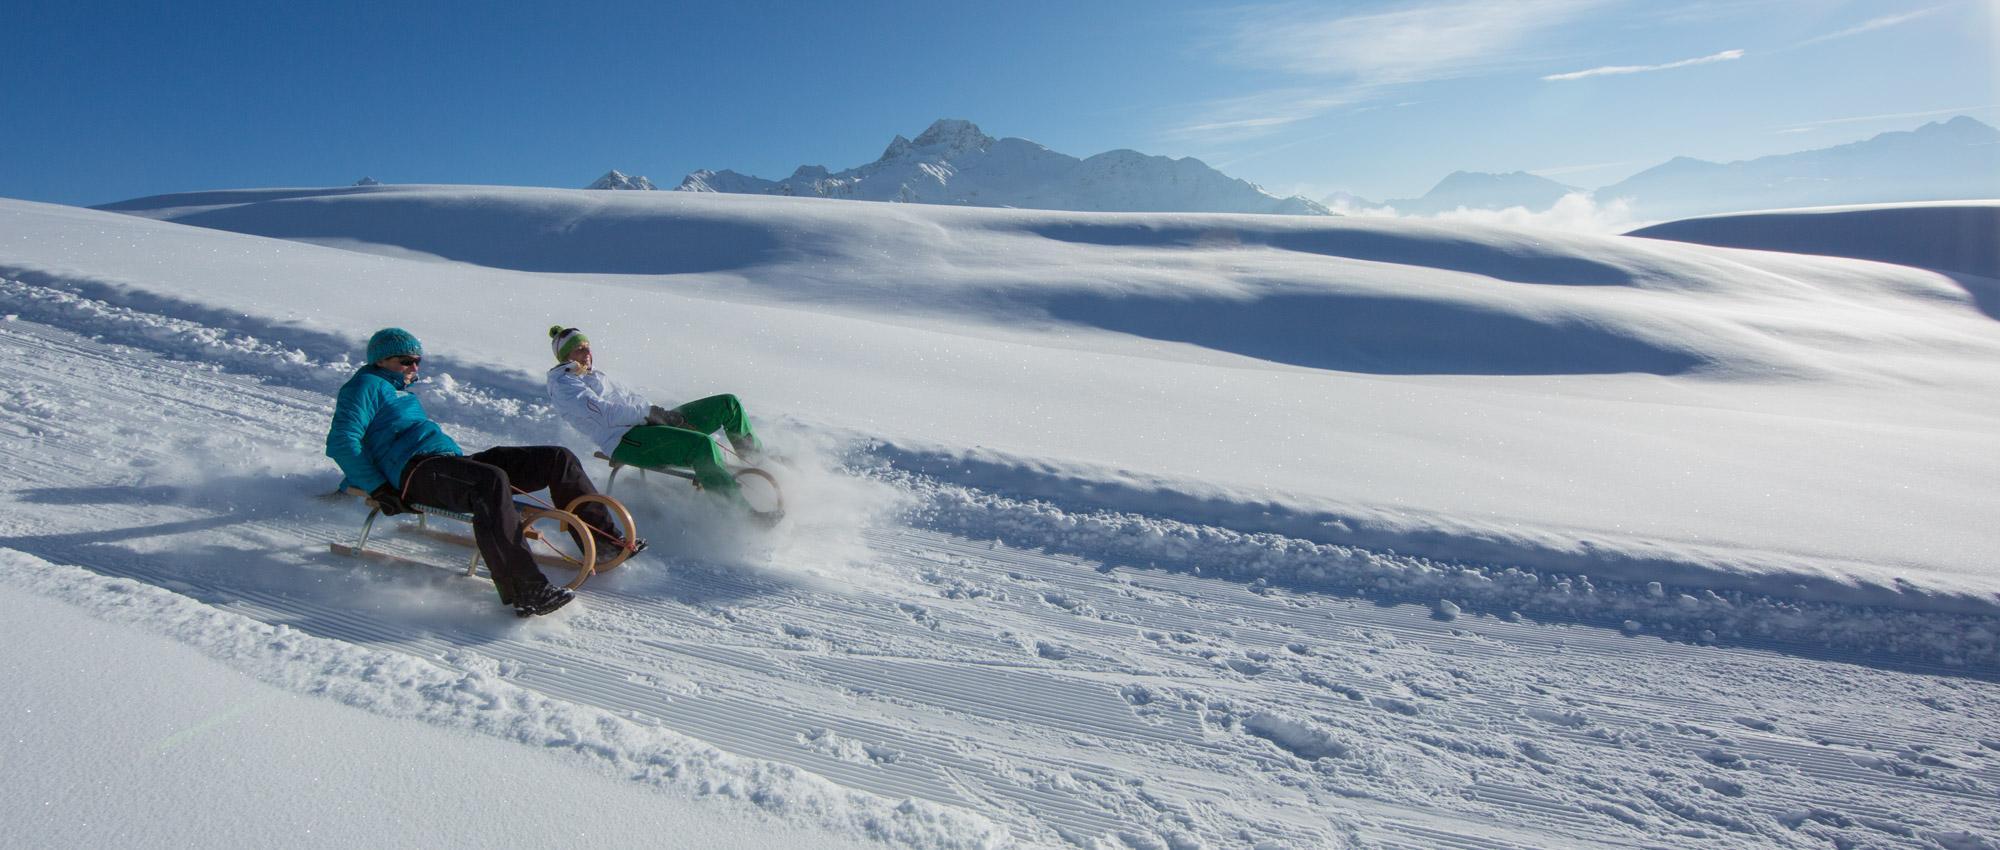 Skigebiet Nauders am Reschenpass | Tirol